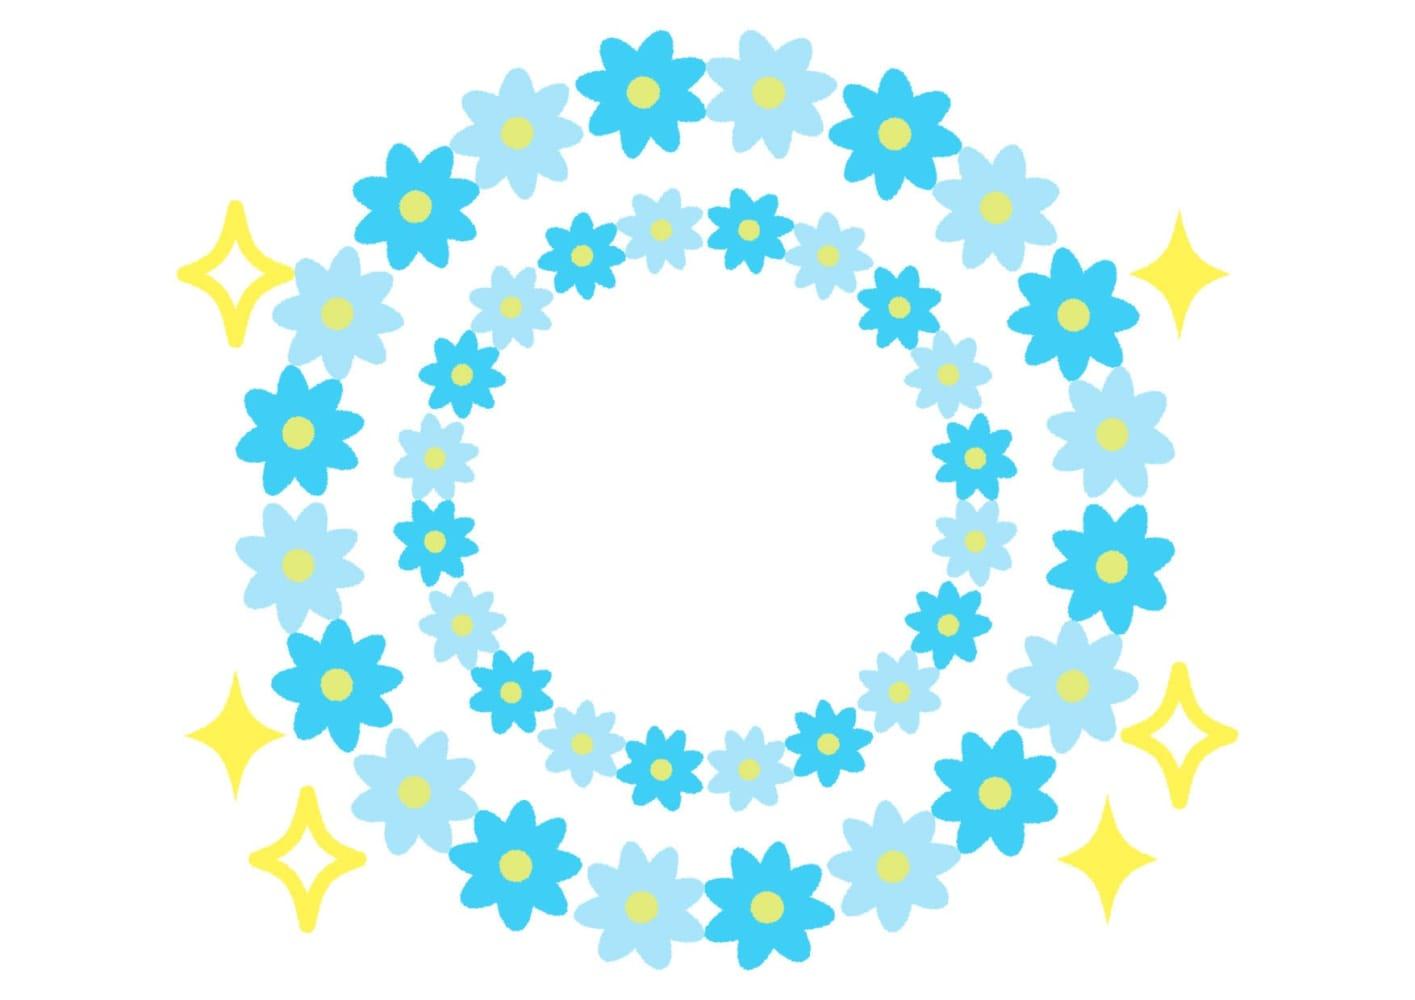 花 フレーム 水色 キラキラ イラスト 無料